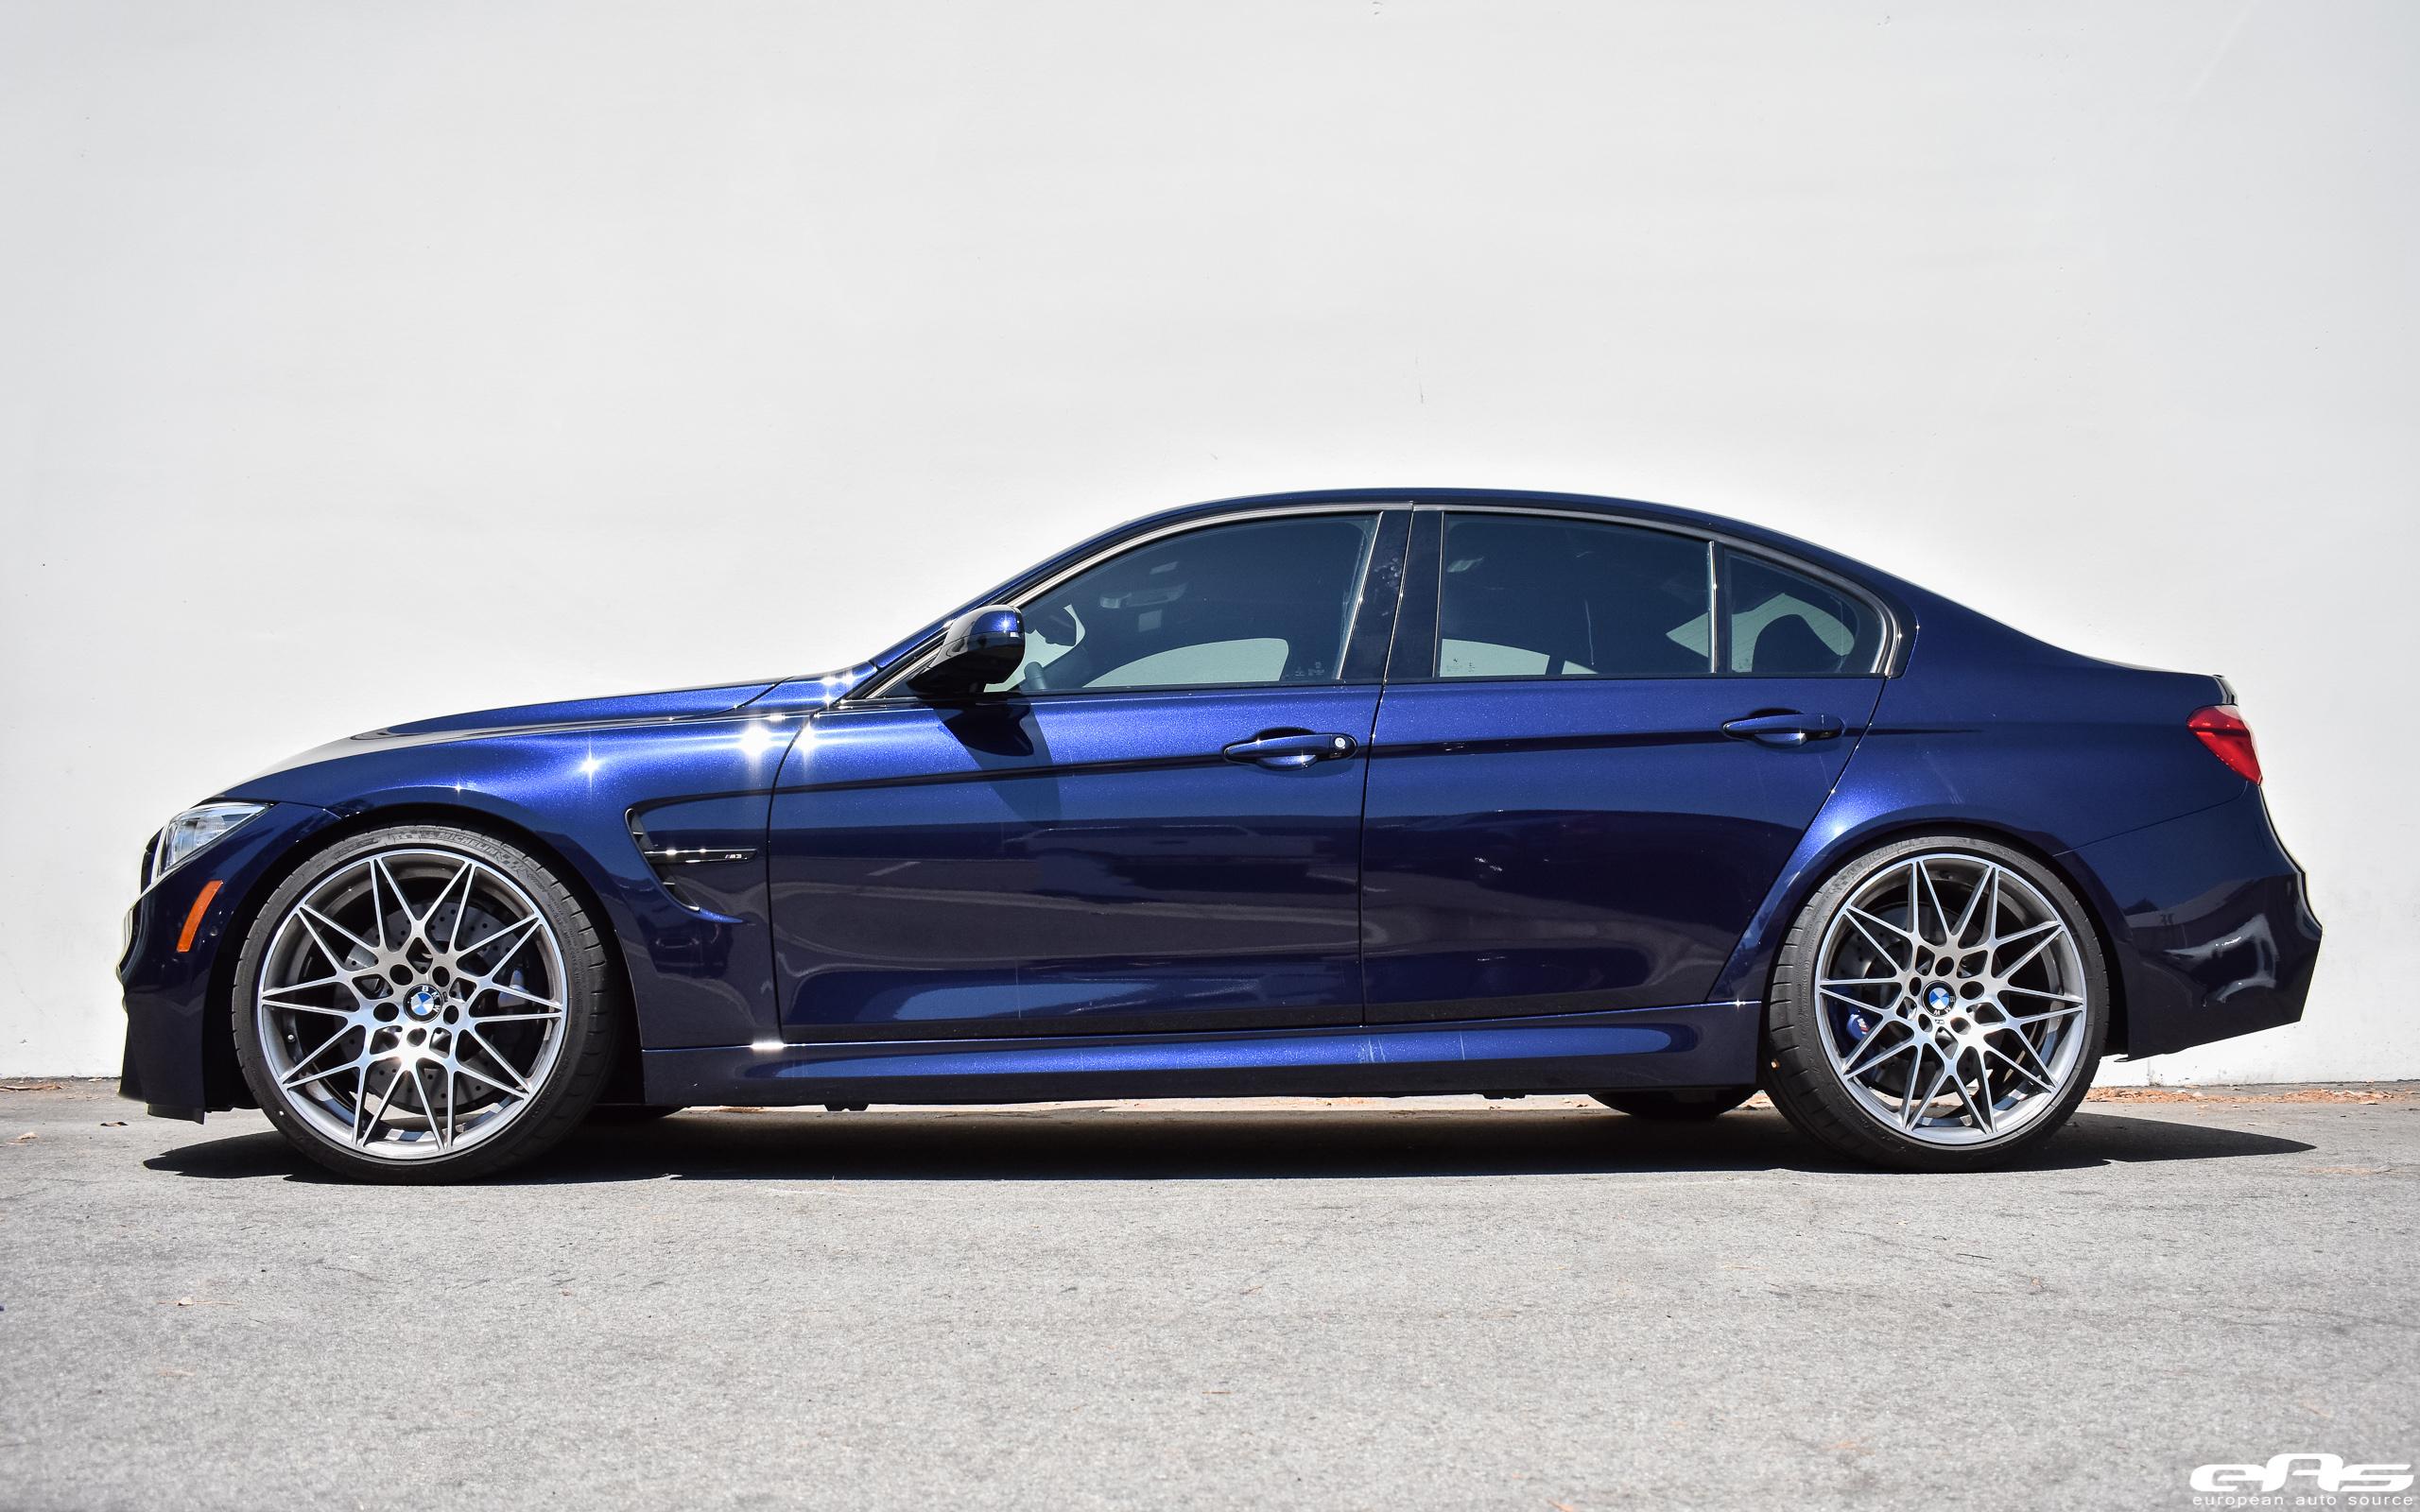 Interlagos Blue E46 M3 >> Tanzanite Blue Metallic F80 M3 ZCP - Macht Schnell | BMW Performance Parts & Services